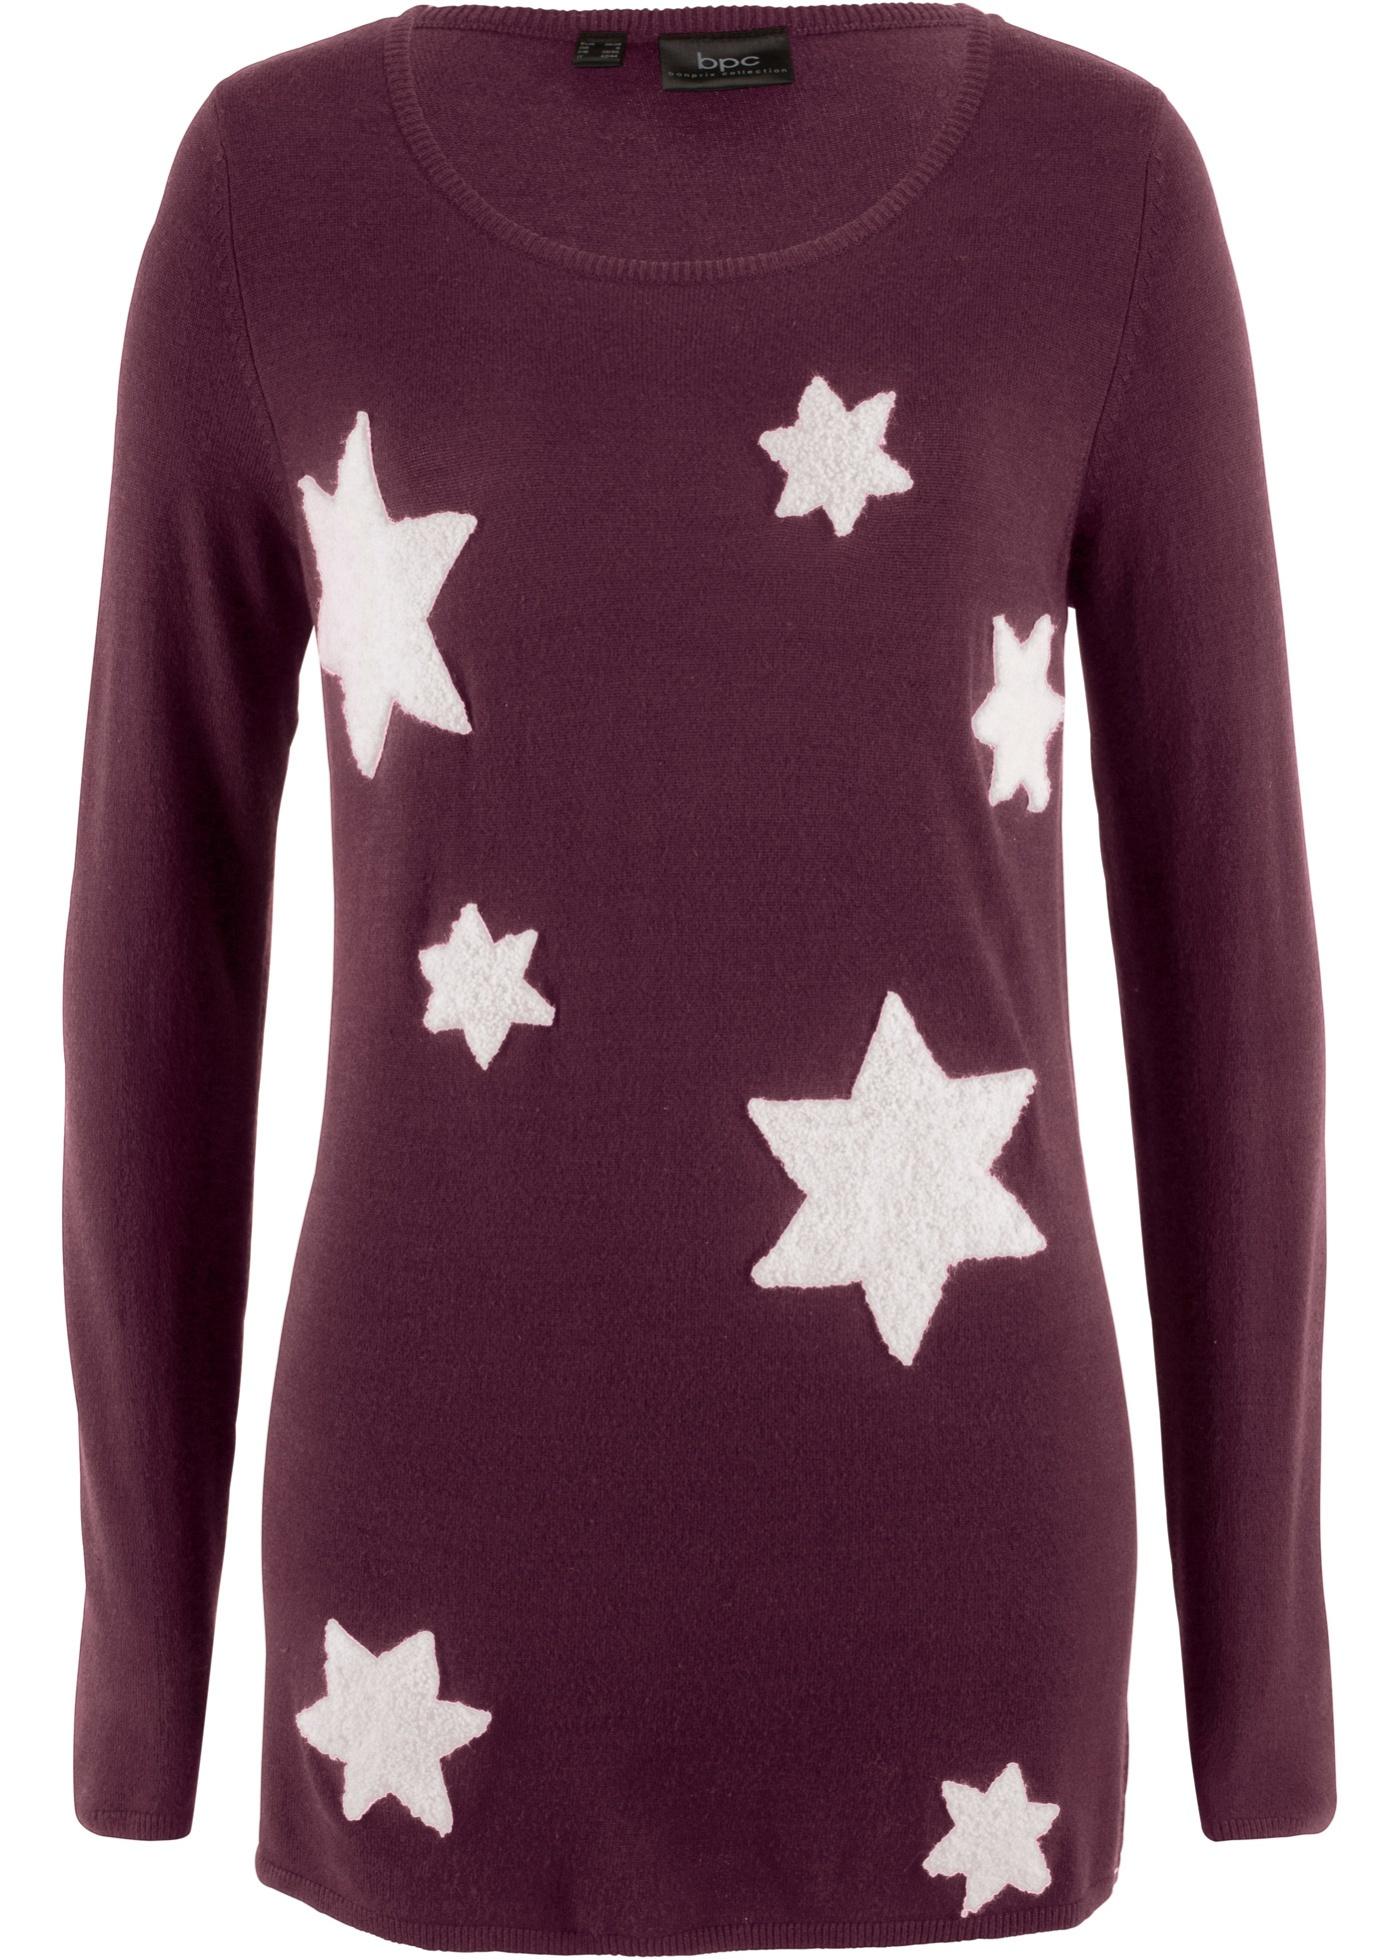 Pullover - broschei